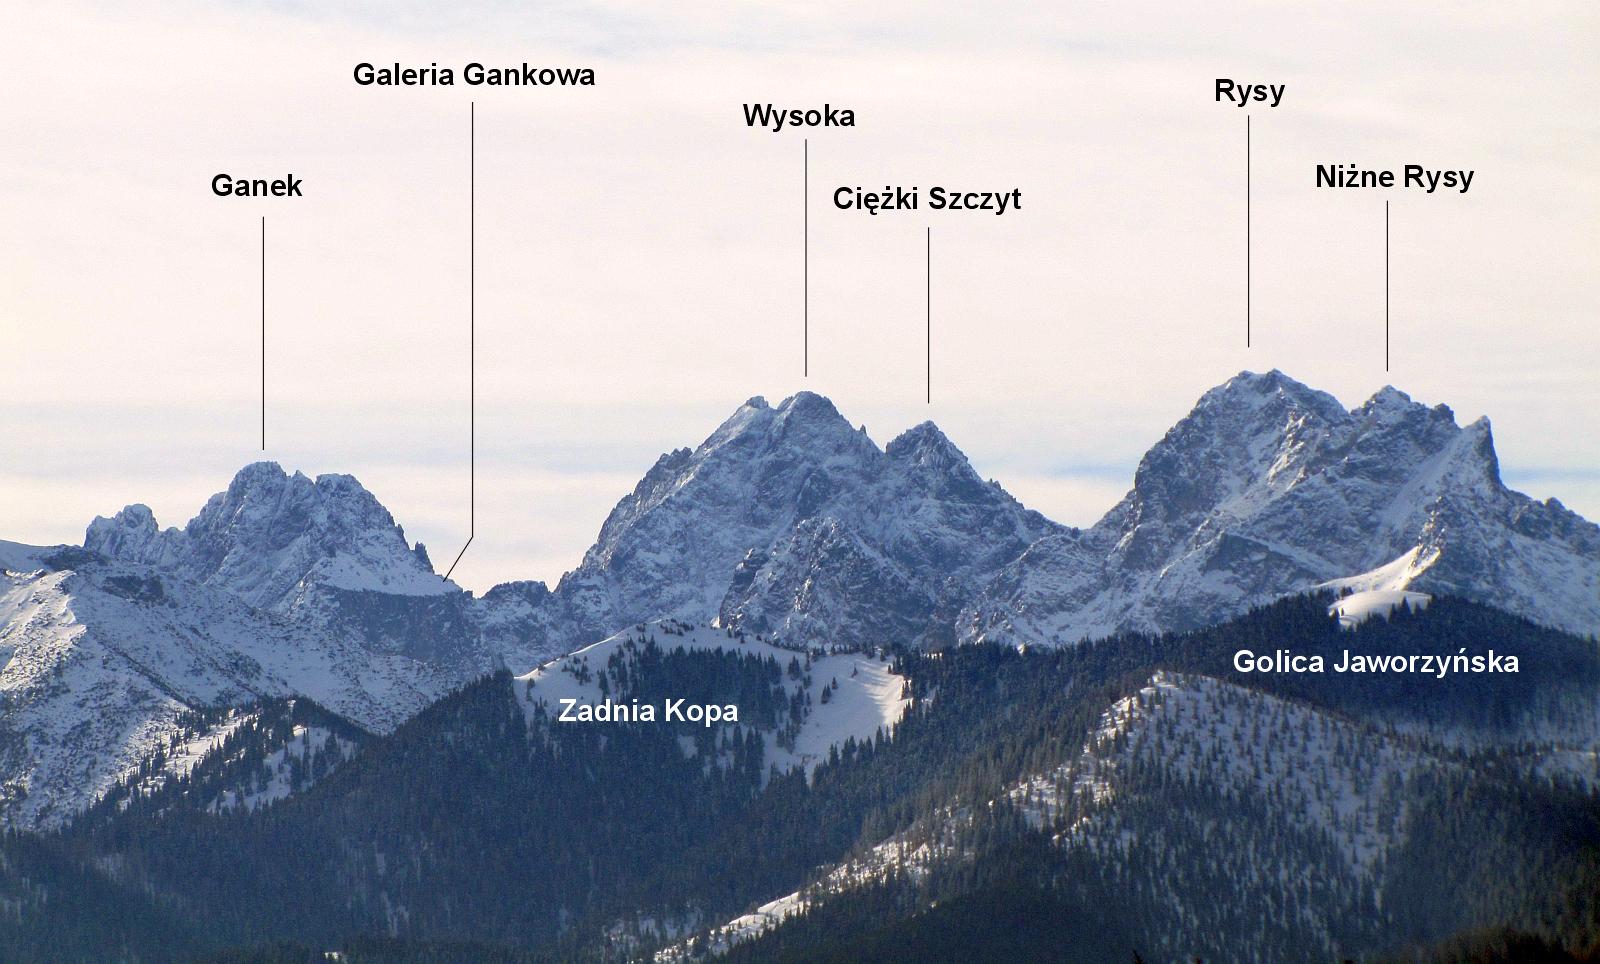 Ganek, Wysoka, Ciężki Szczyt, Rysy.